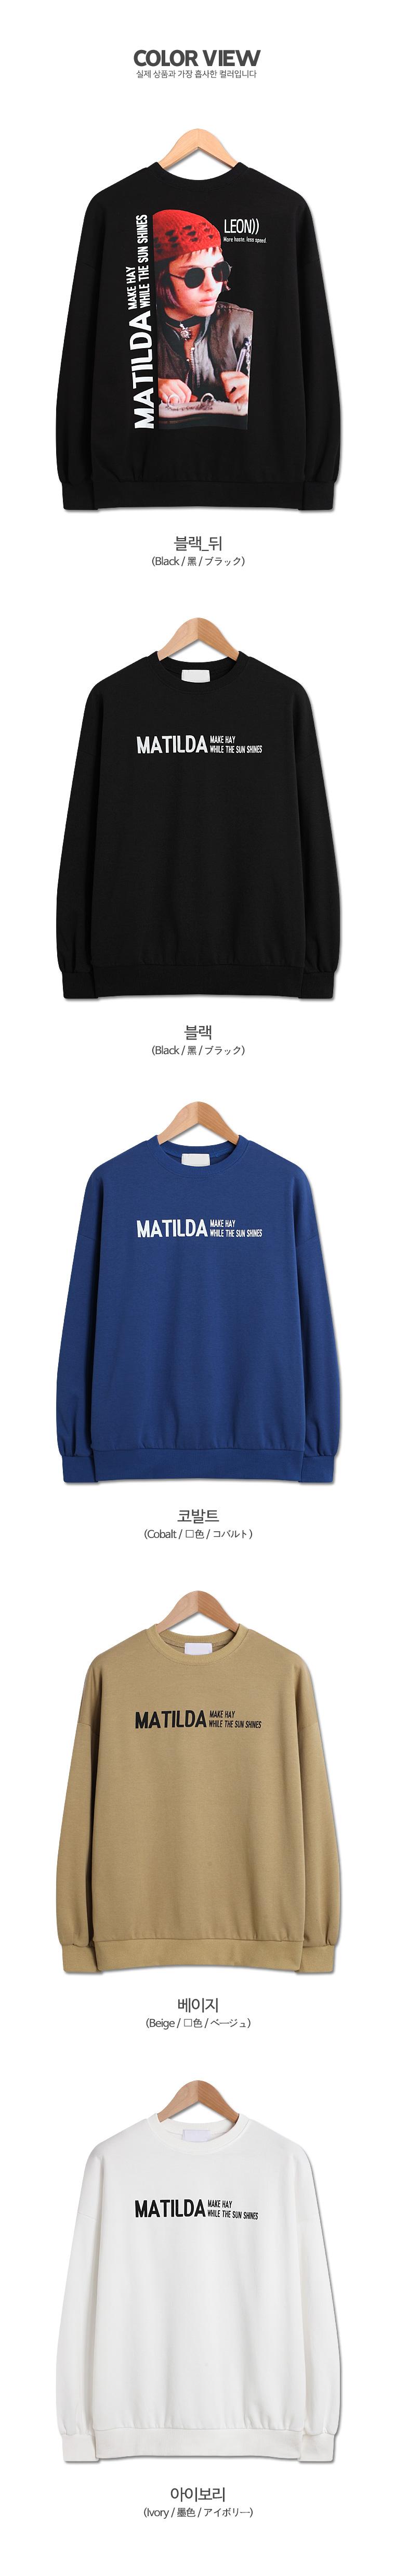 마틸다 프린팅 오버핏 맨투맨 (FT022) - 탑보이, 32,800원, 상의, 맨투맨/후드티